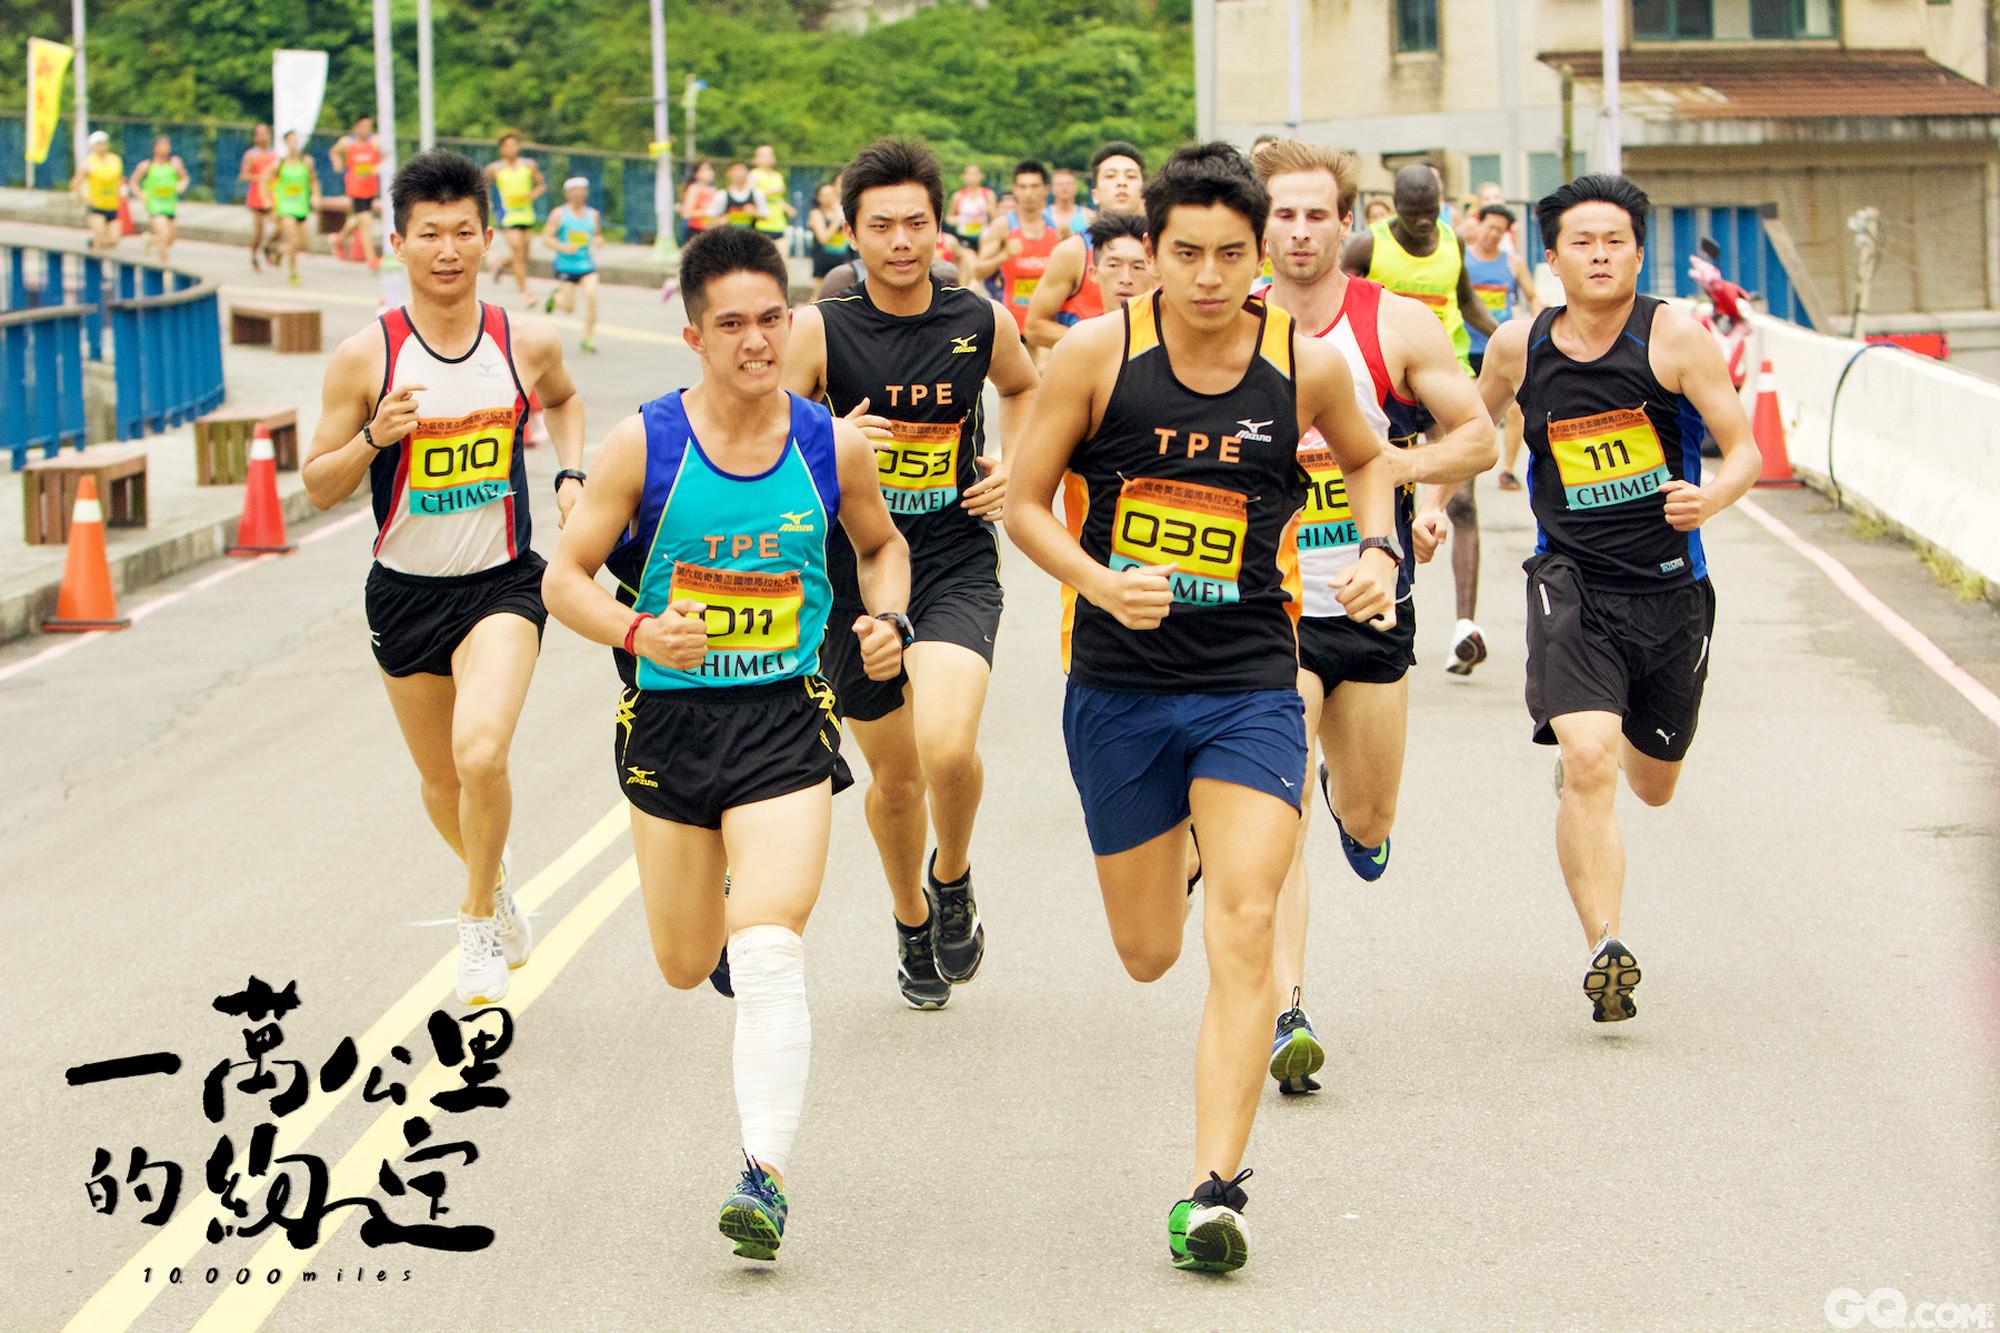 """与周杰伦共同担任监制的是台湾超级马拉松好手林义杰。林义杰是超跑界传奇人物,曾获""""2006年四大极地超级马拉松巡回赛""""总冠军,擅长在极端气候中路跑,2010年更策划""""拥抱丝路""""计划,周杰伦亦担任共同发起人,邀请大陆等多国跑者进行丝路路跑。"""